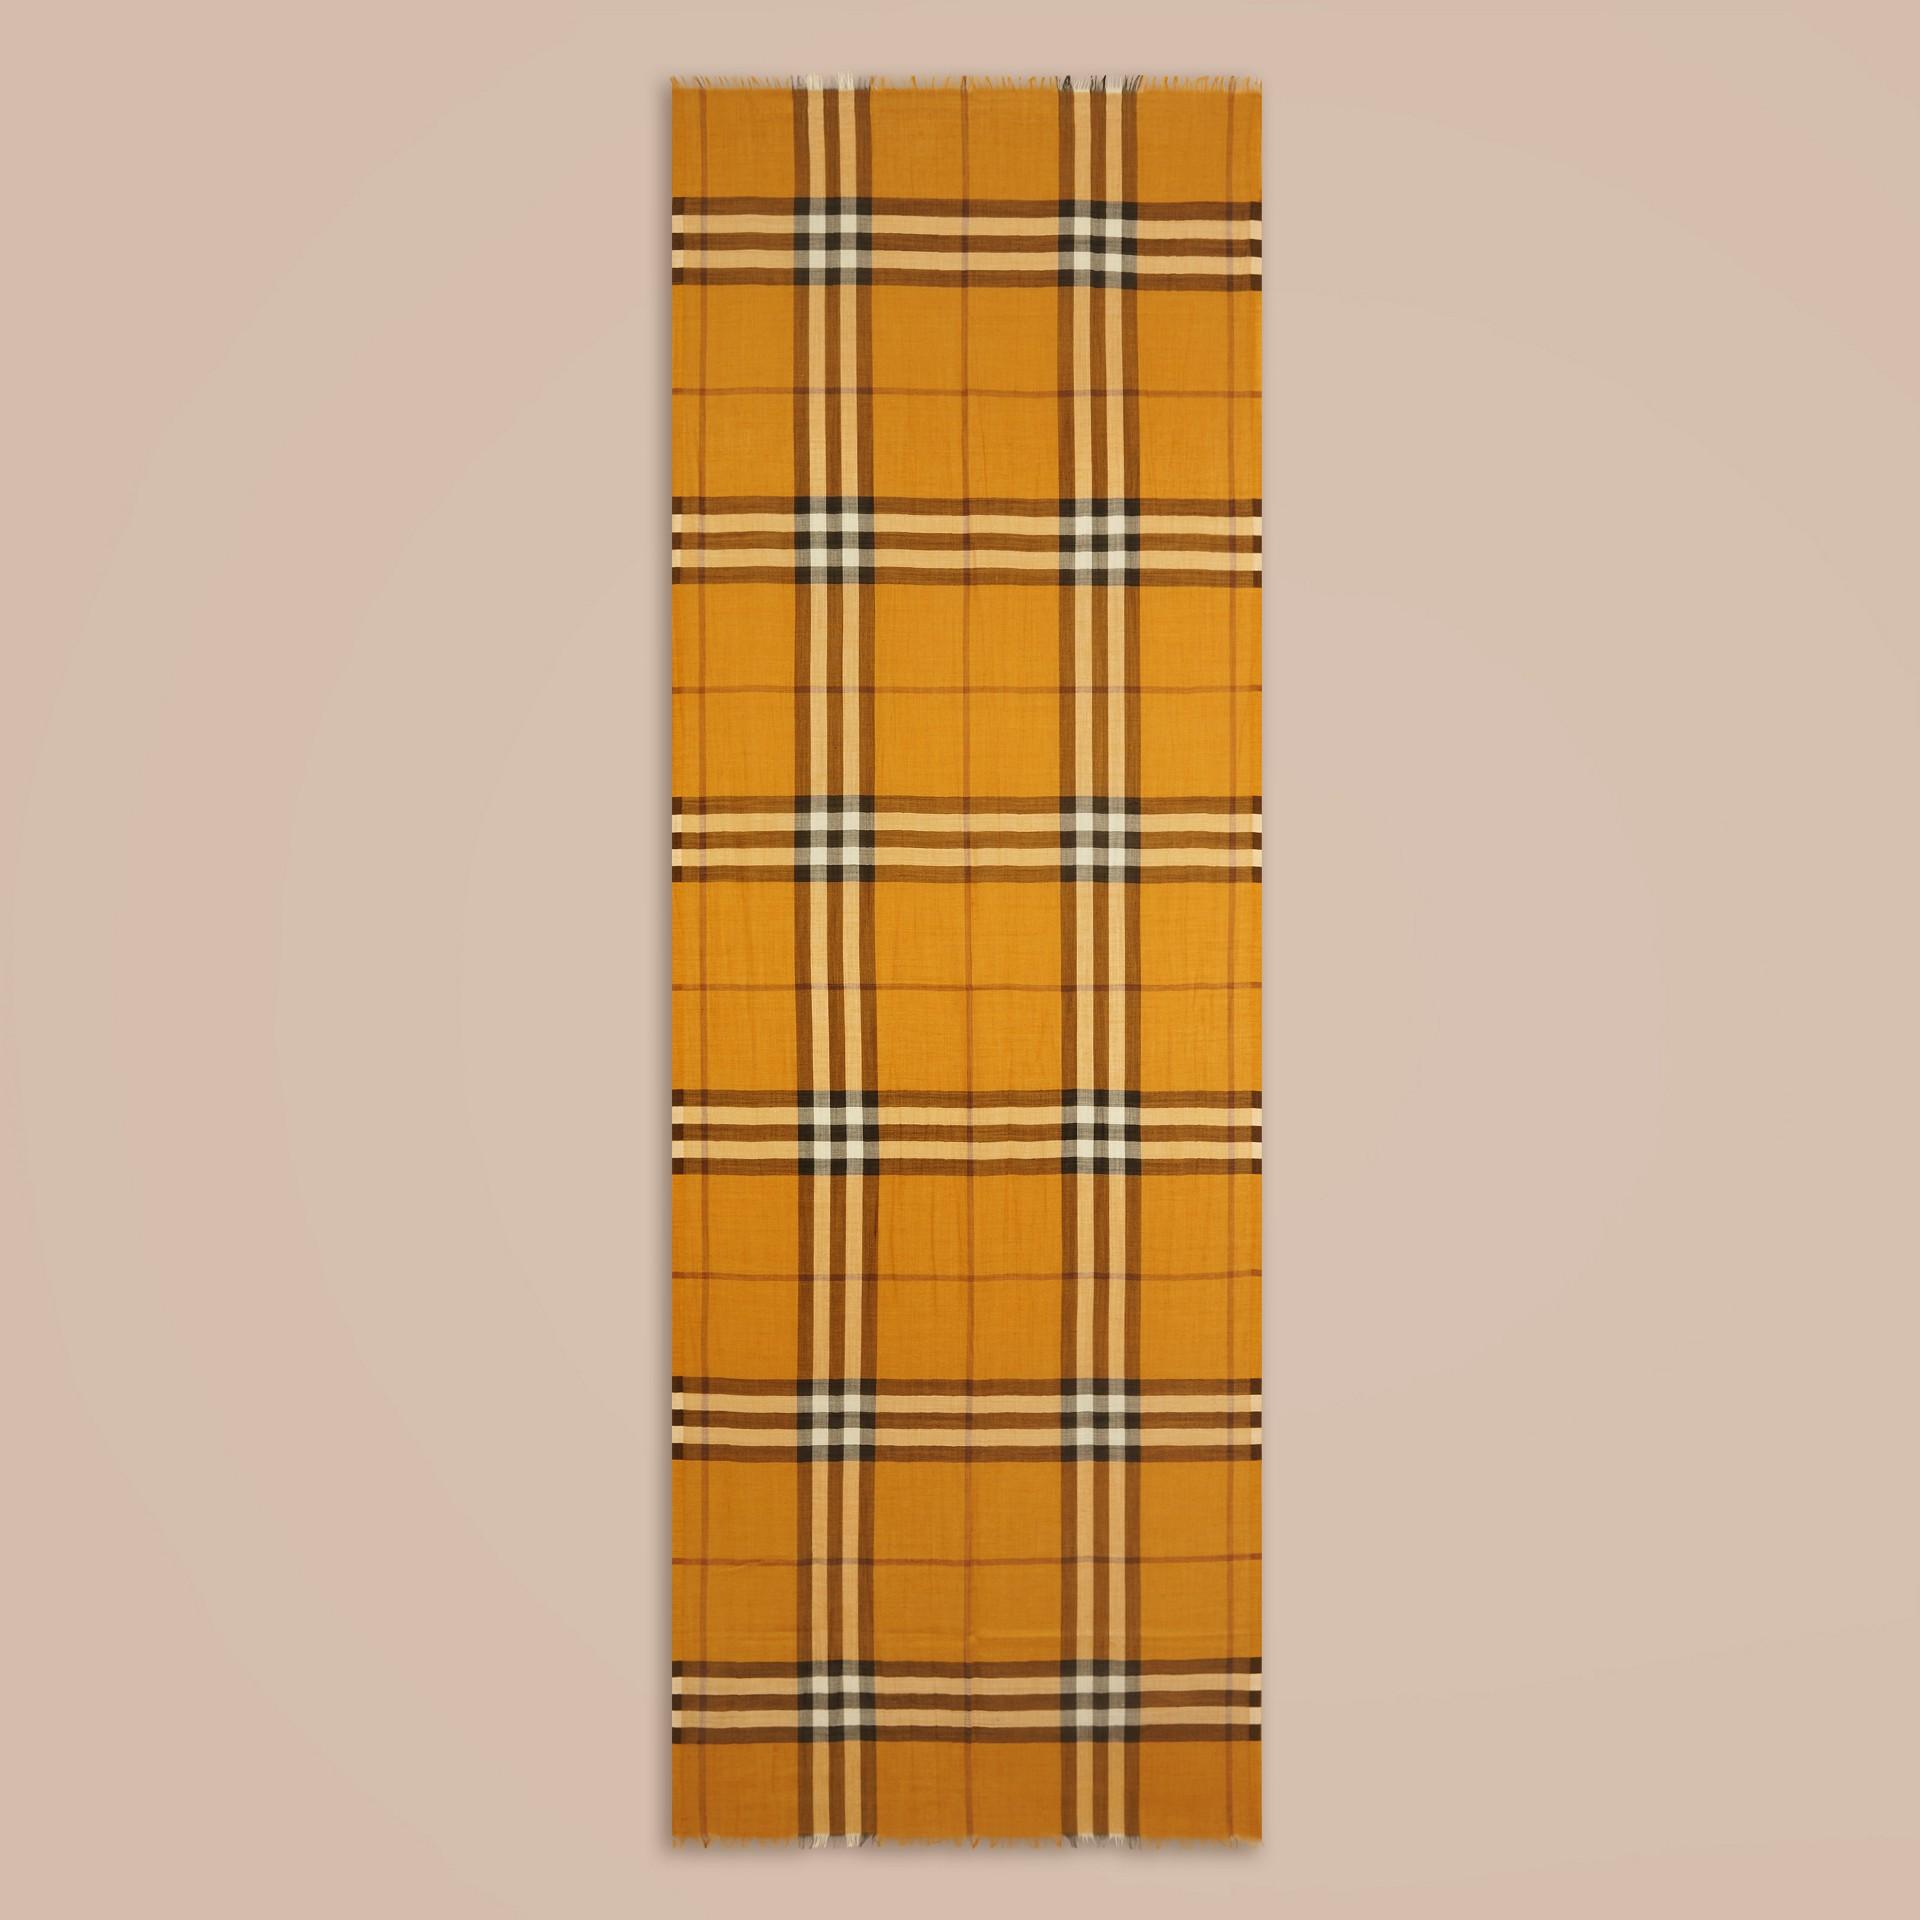 Giallo ambra Sciarpa leggera in lana e seta con motivo check Giallo Ambra - immagine della galleria 4